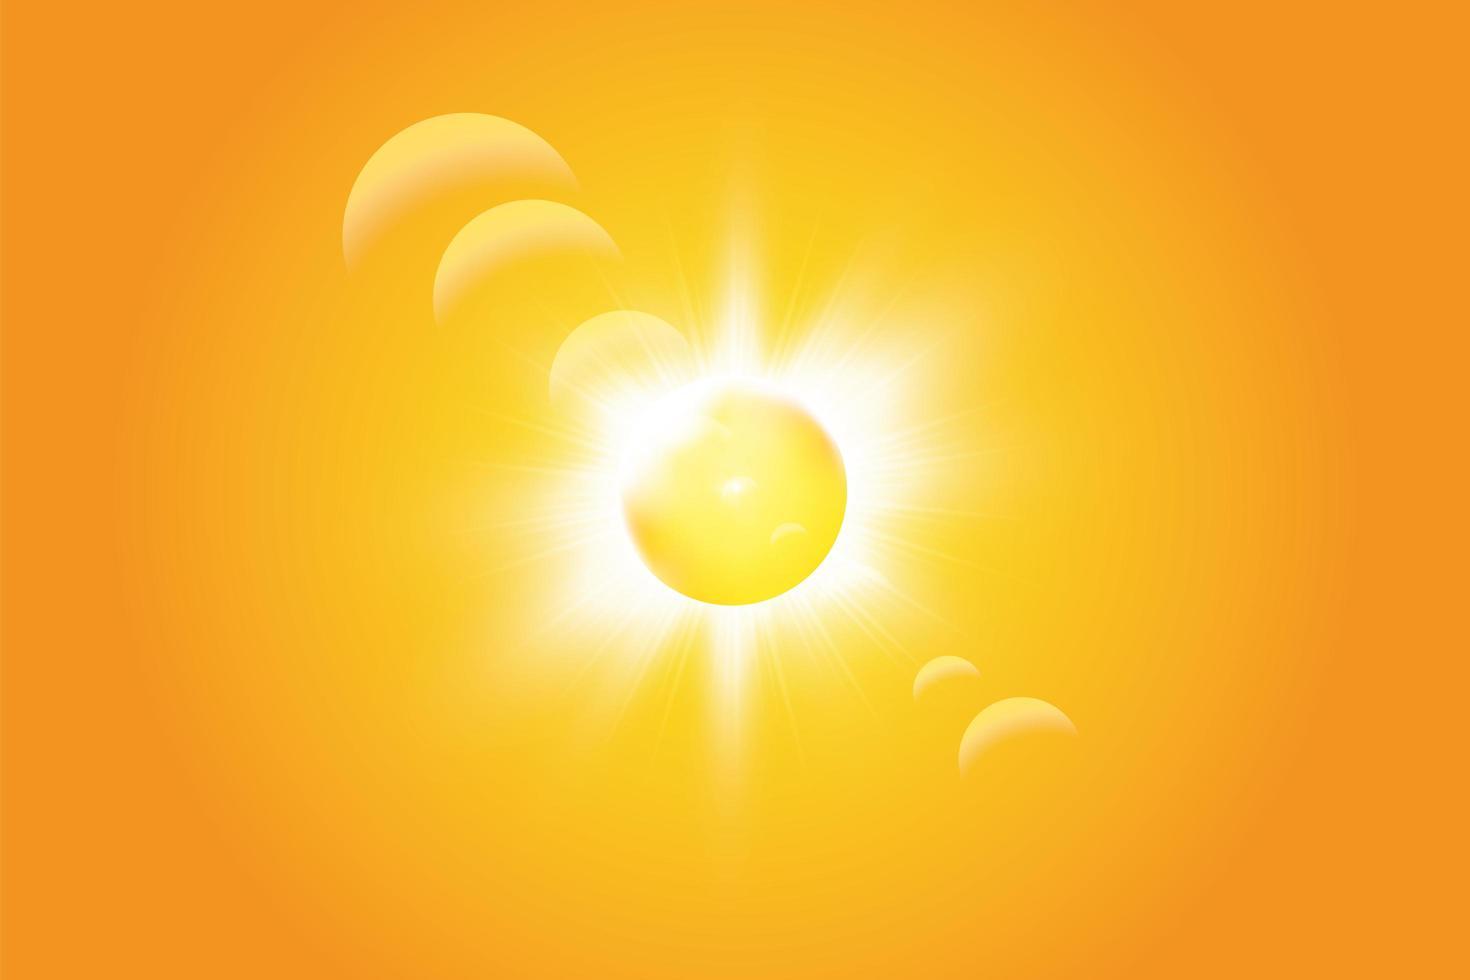 varm sol på en gul bakgrund vektor